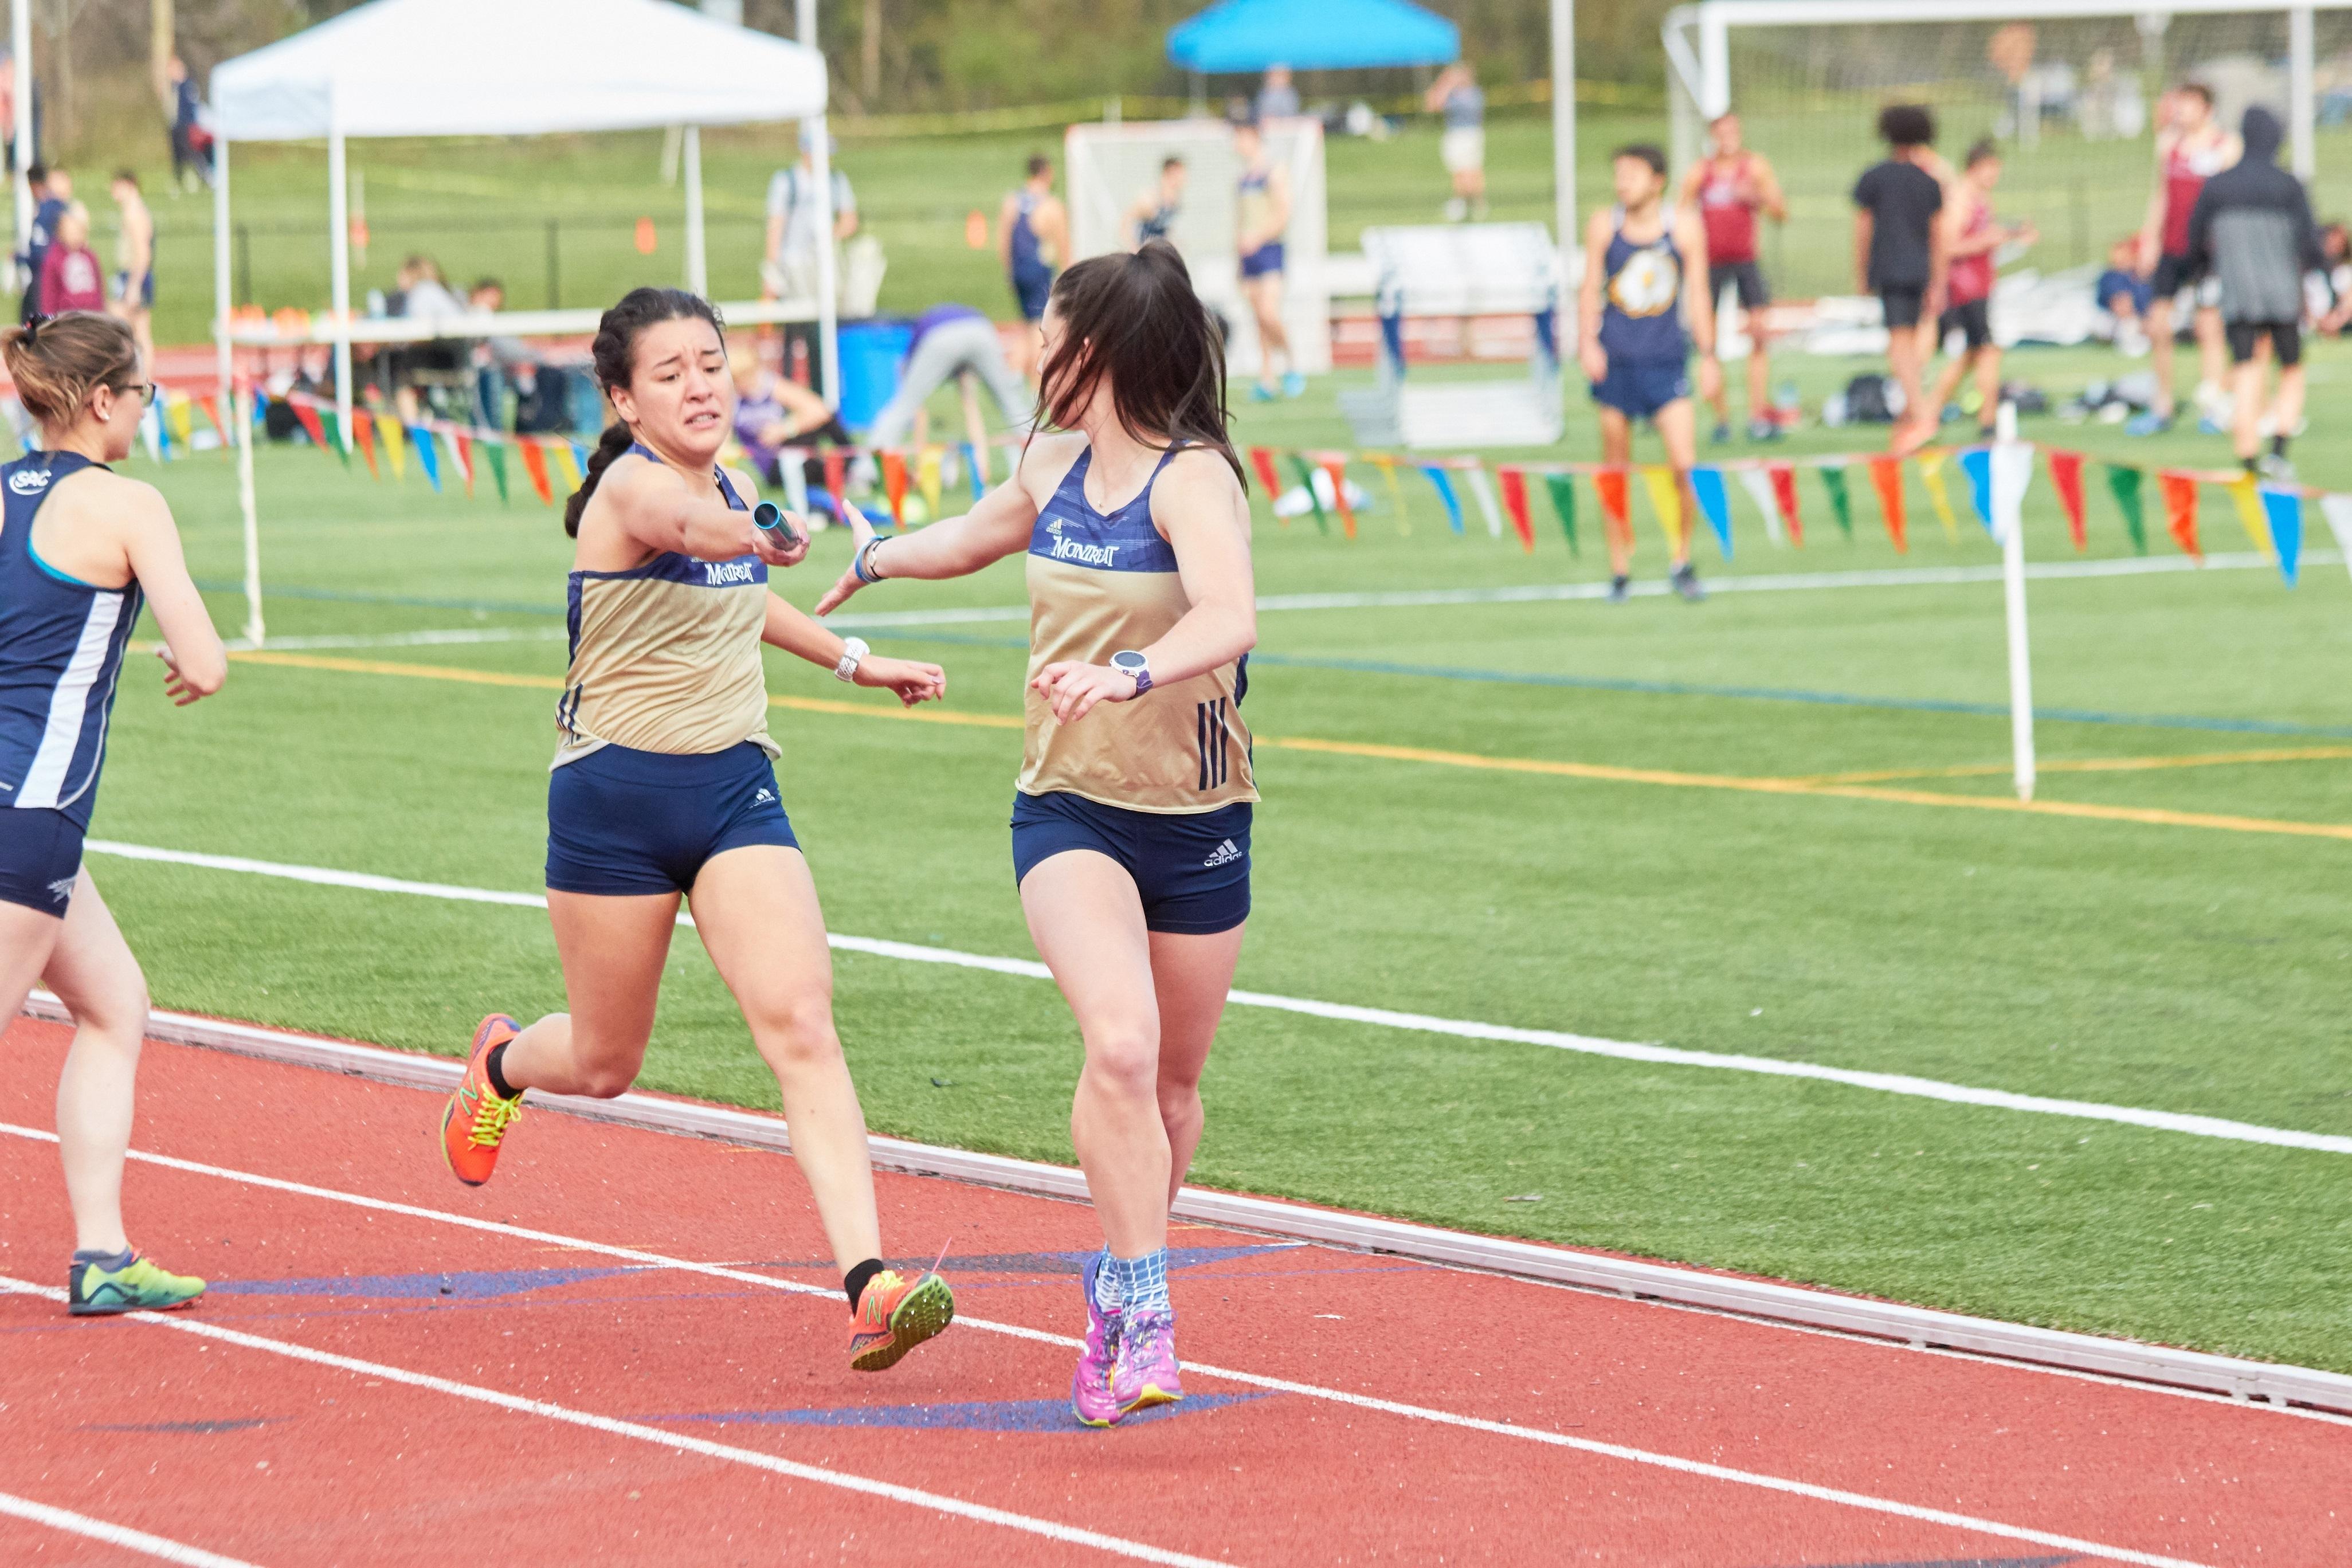 Women's track   field